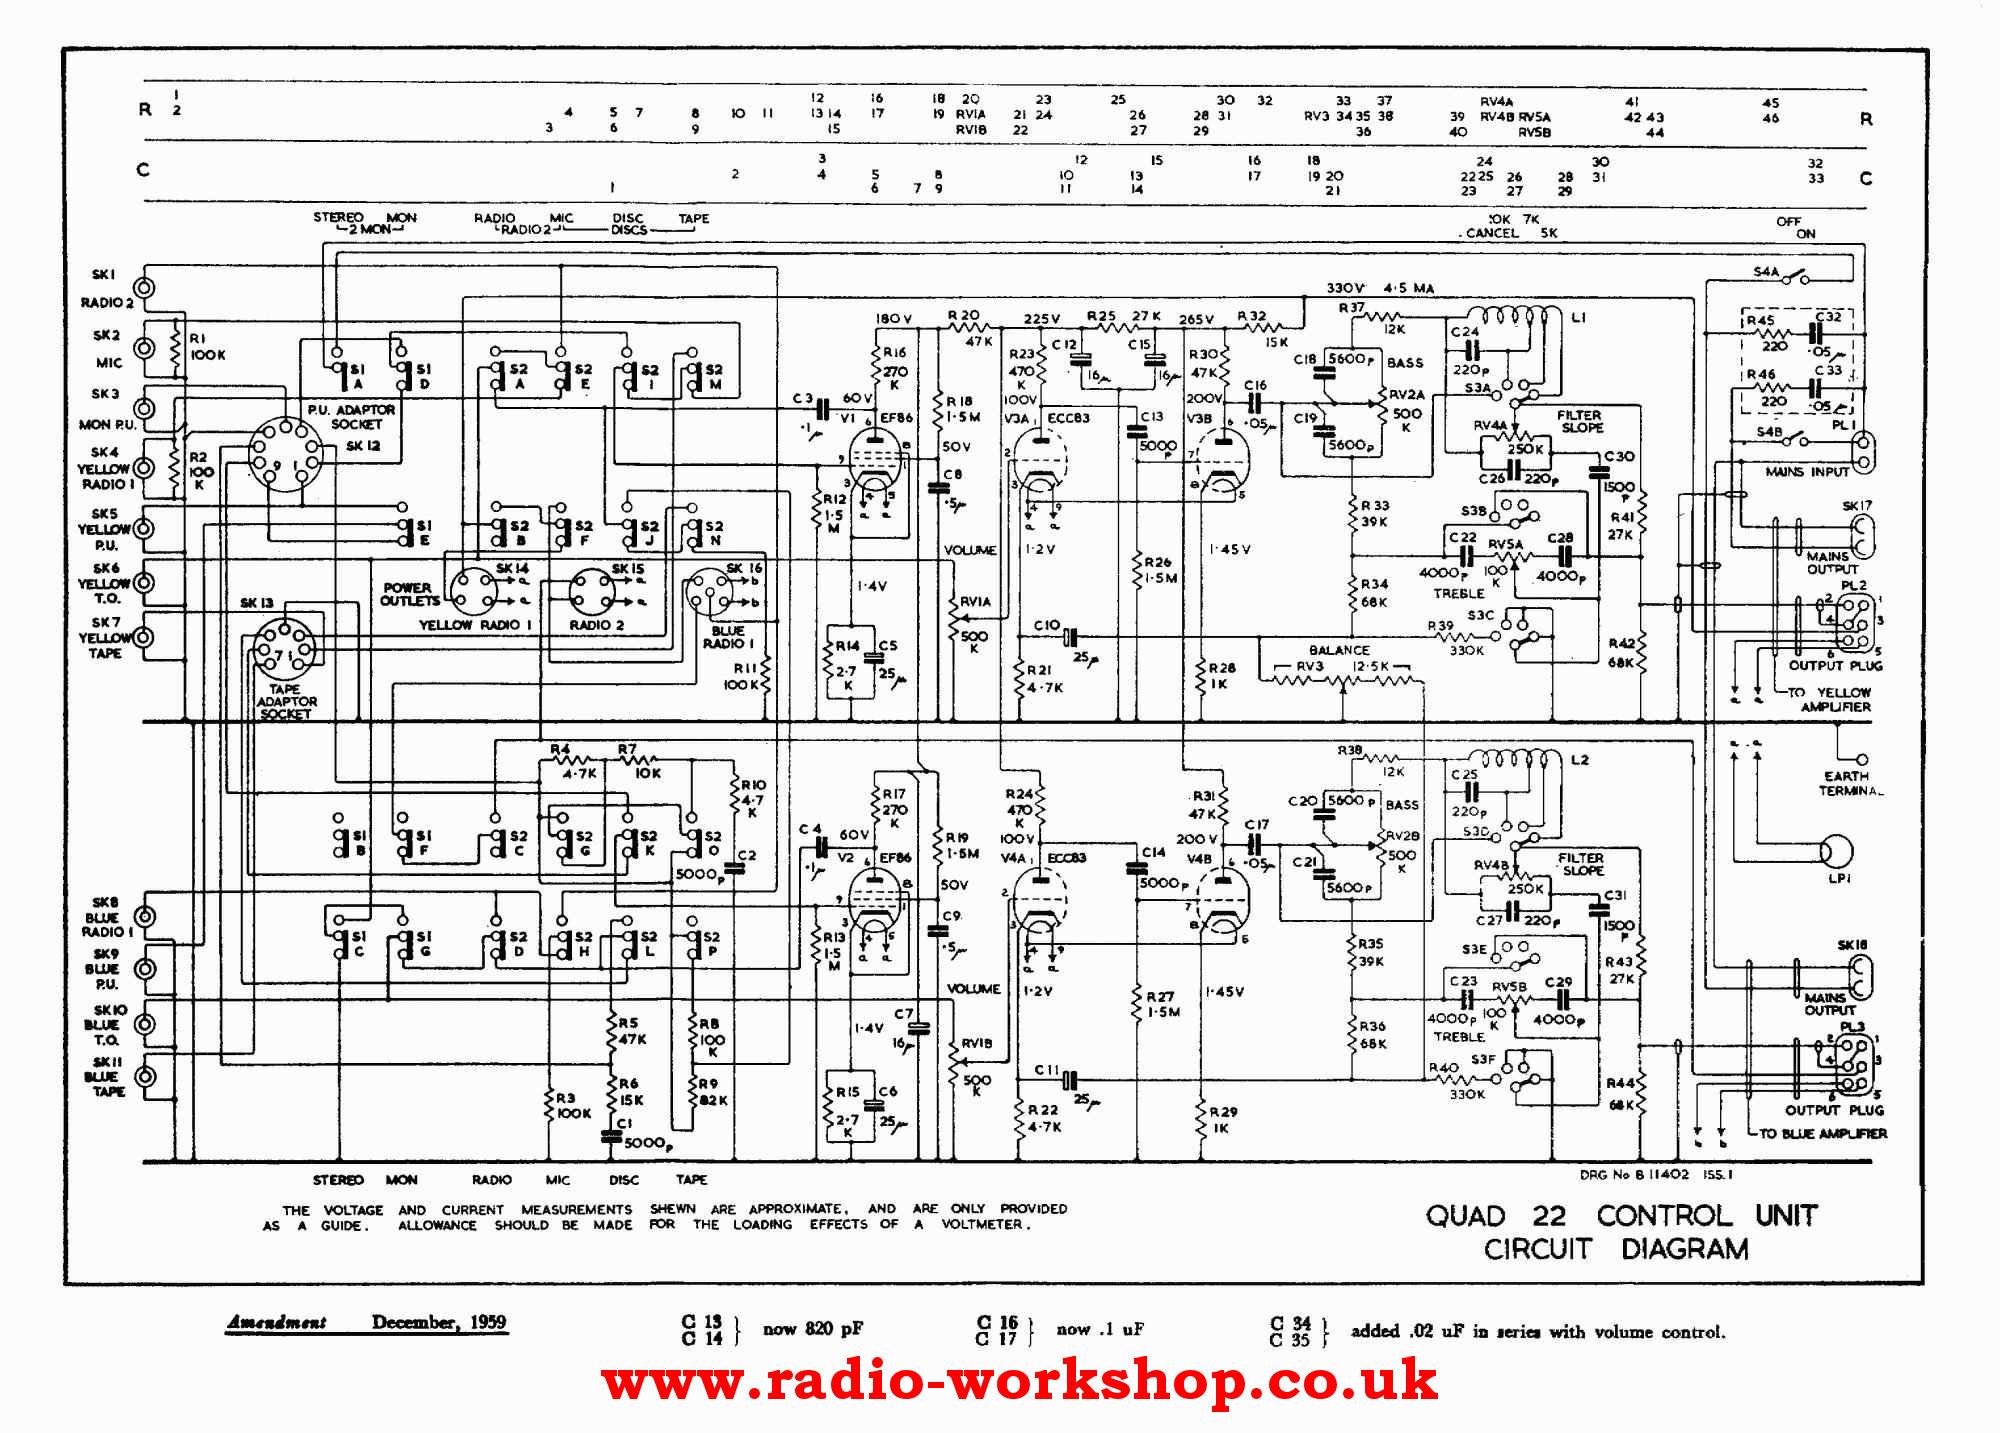 Service Manuals Q - Radio WorkshopRadio Workshop